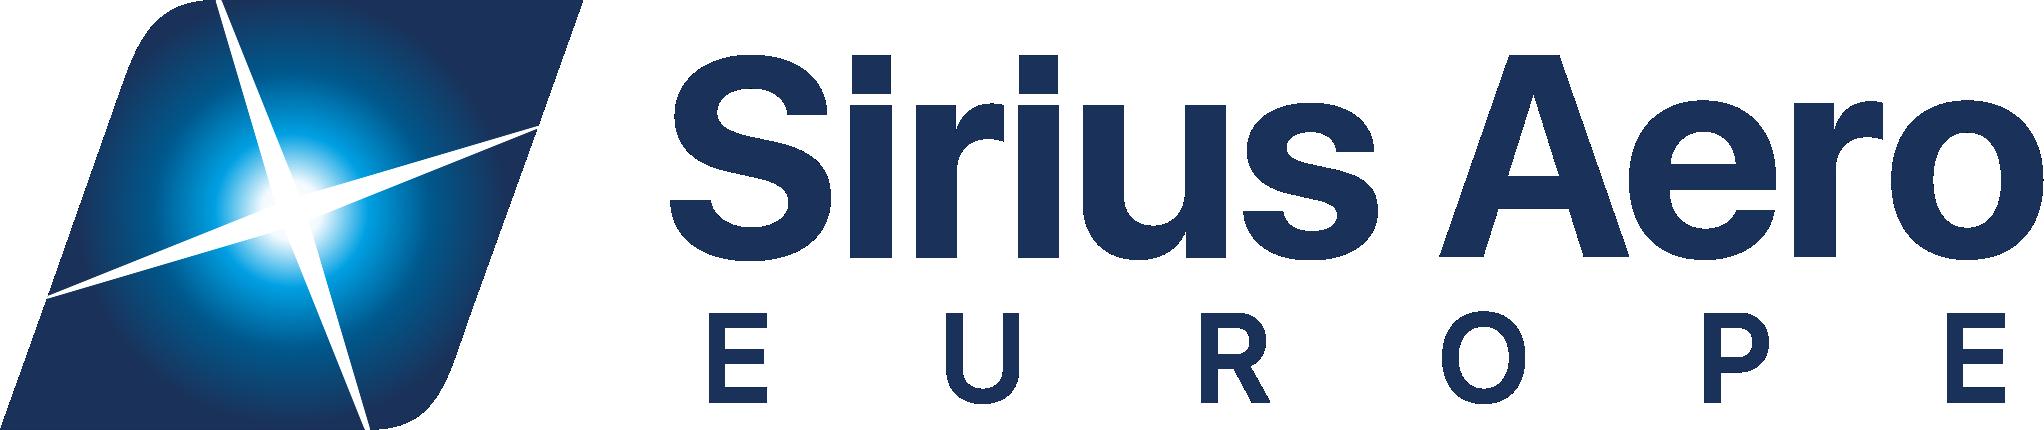 Logo: Sirius Aero Europe